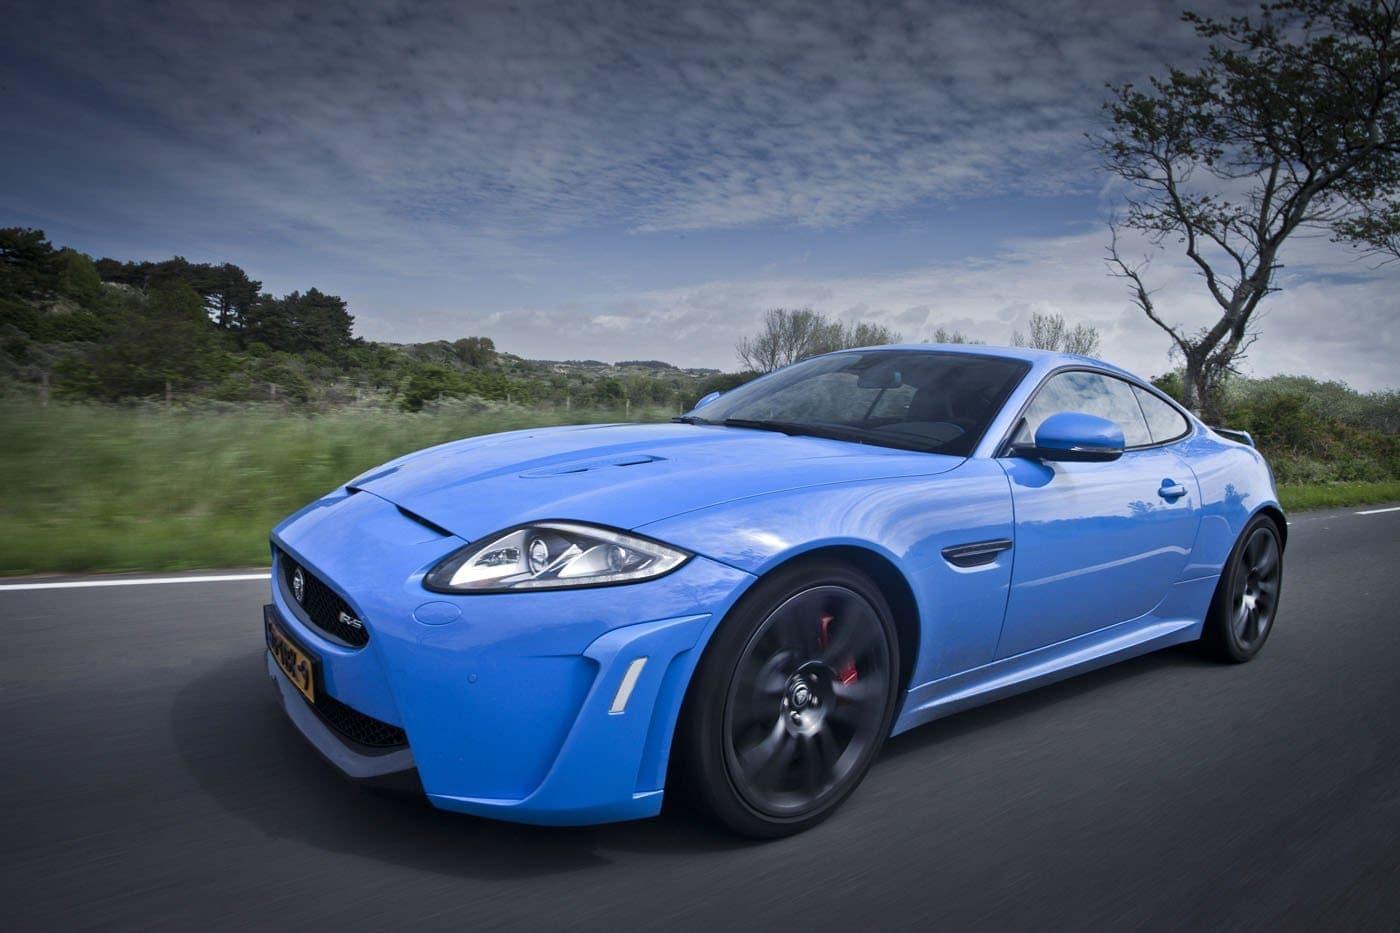 Jaguar XKR-S 2012 Autogespot Autofotografie